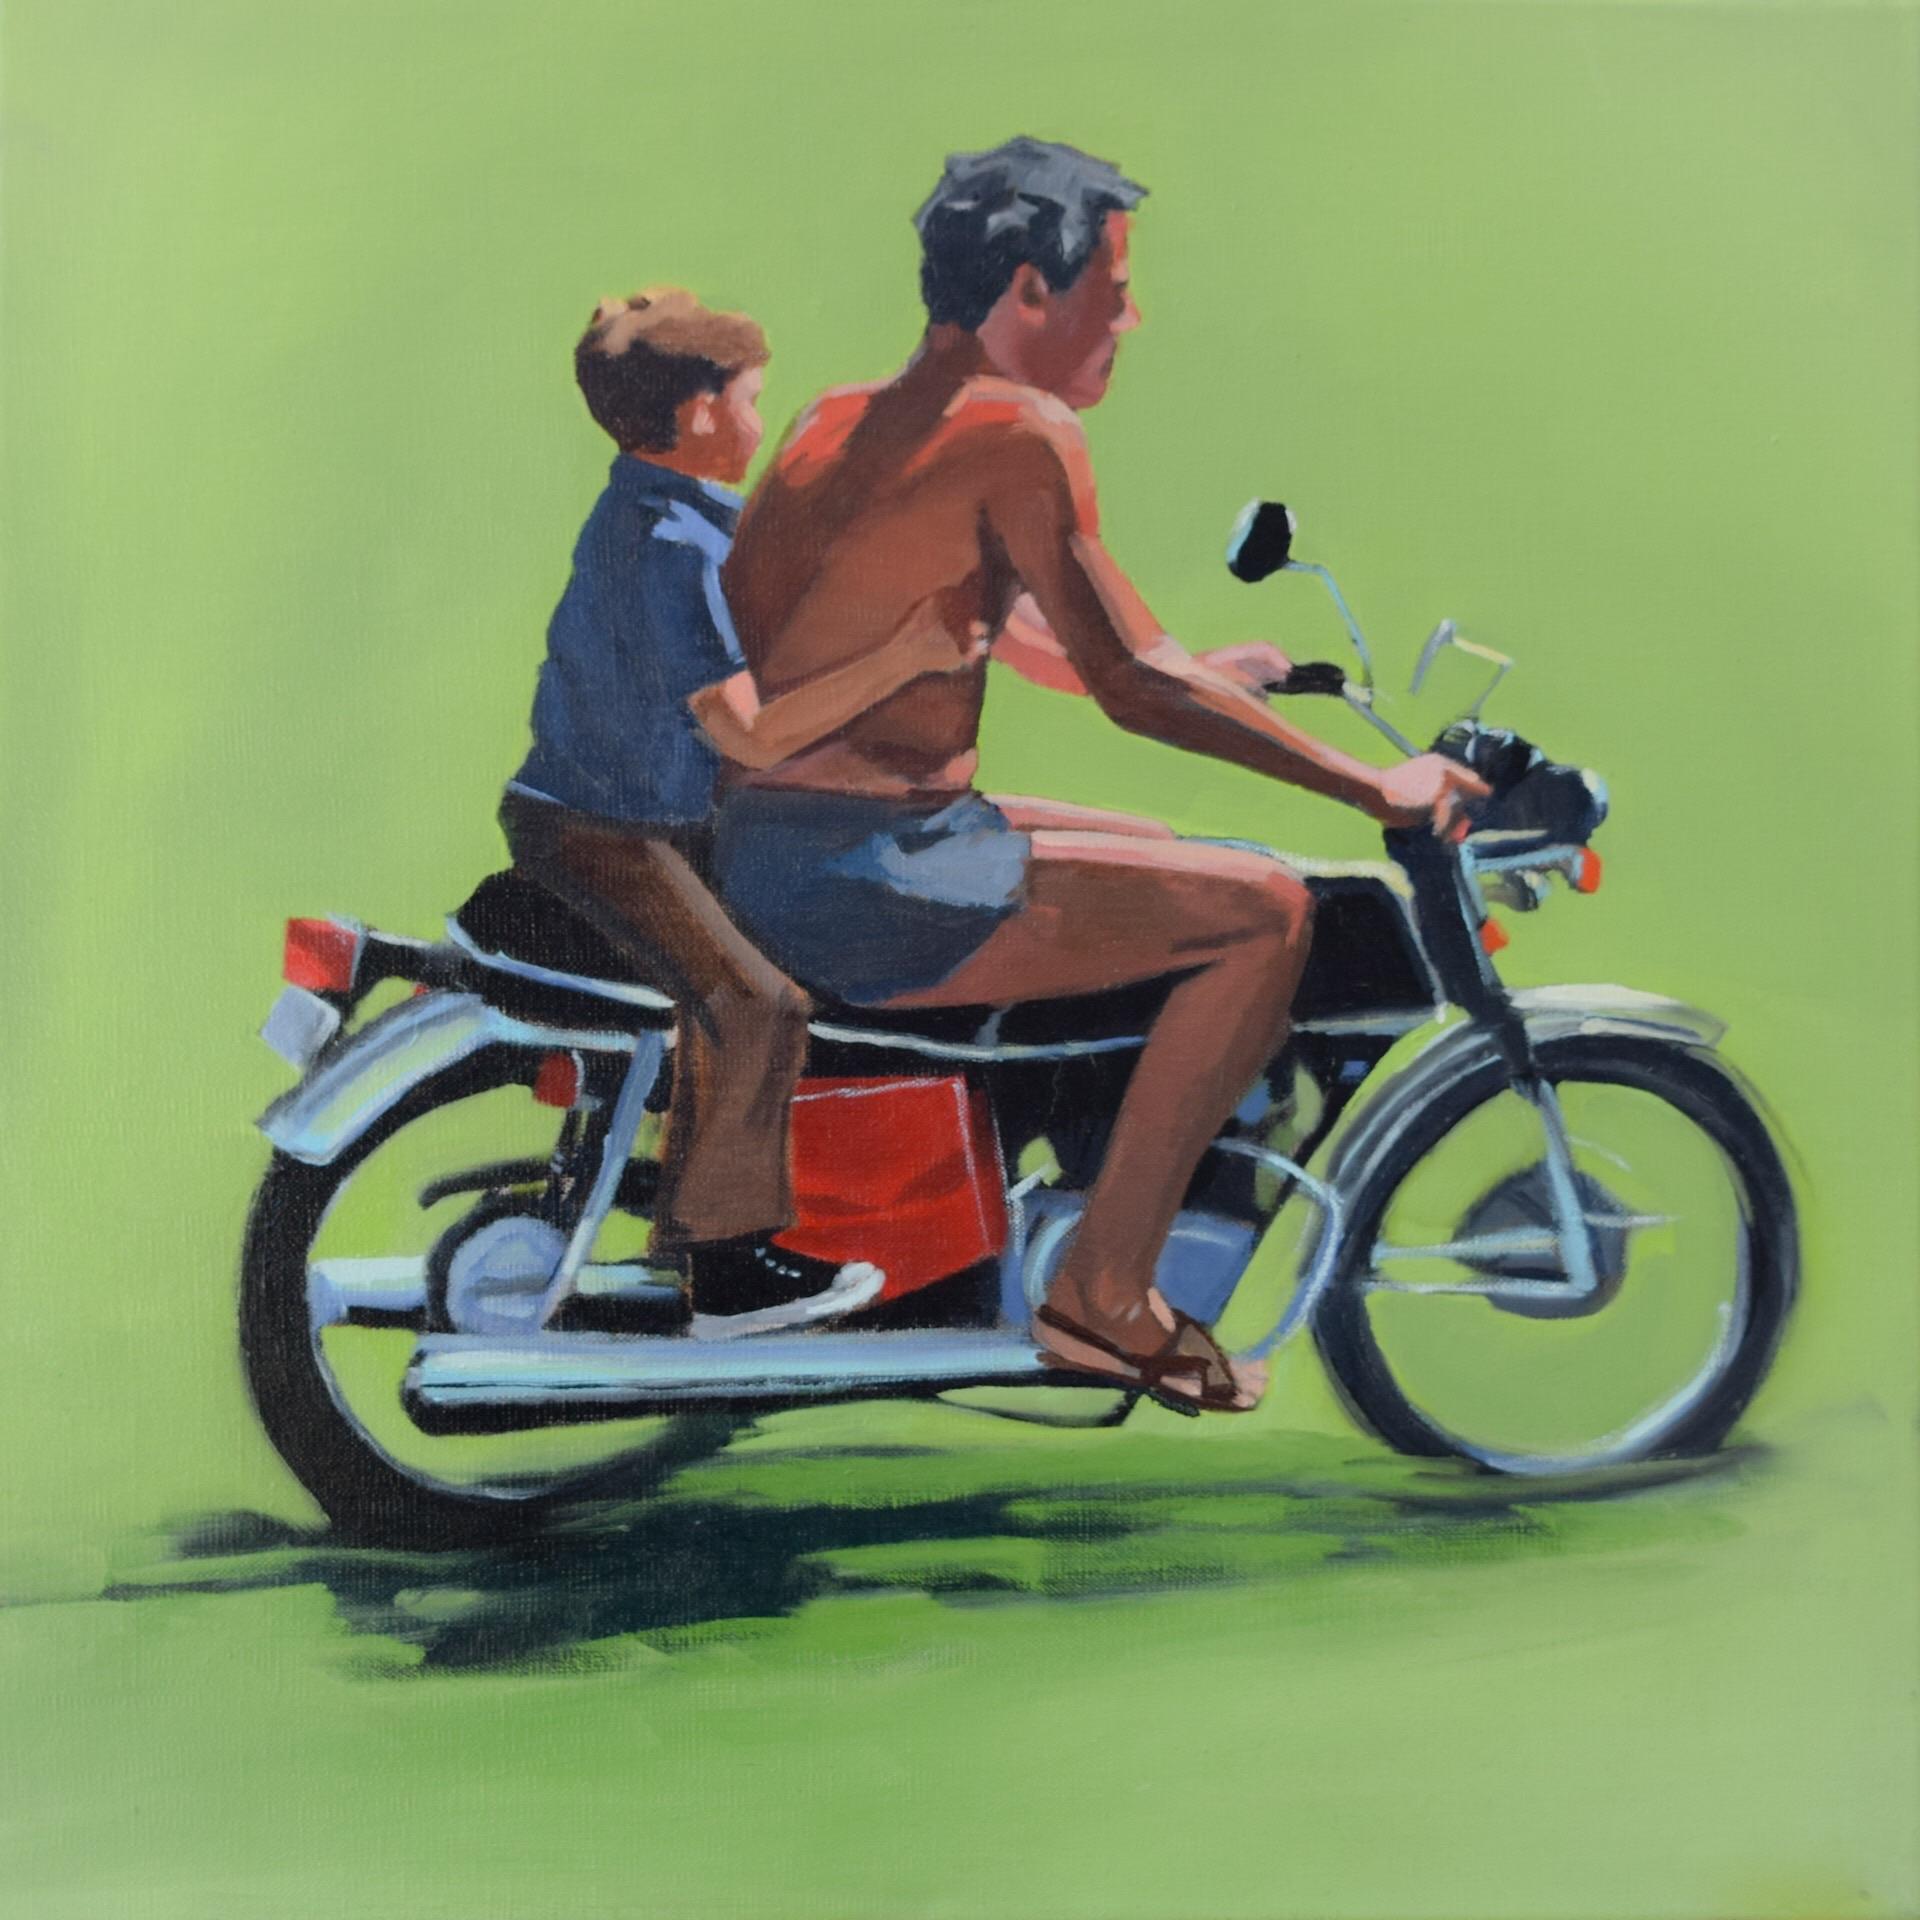 Baker,Margaret-Ride-20x20 inch oil on canvas.jpg